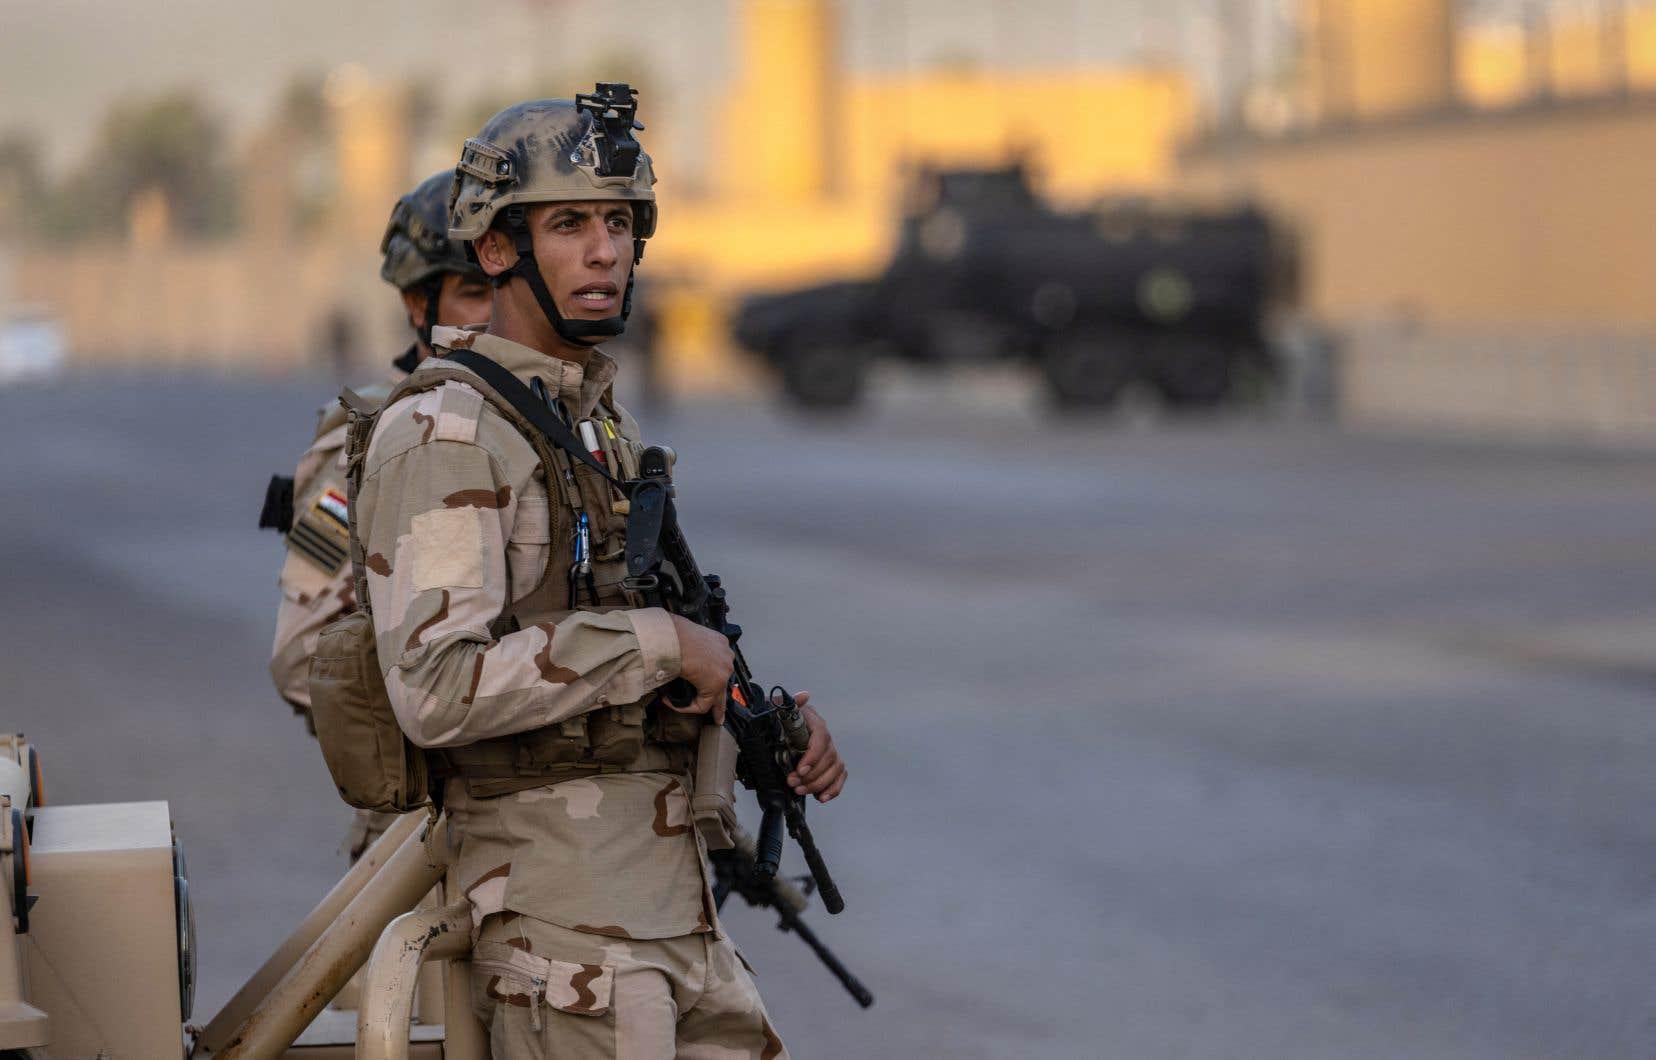 Des soldats montent la garde devant l'ambassade américaine située à Bagdad.